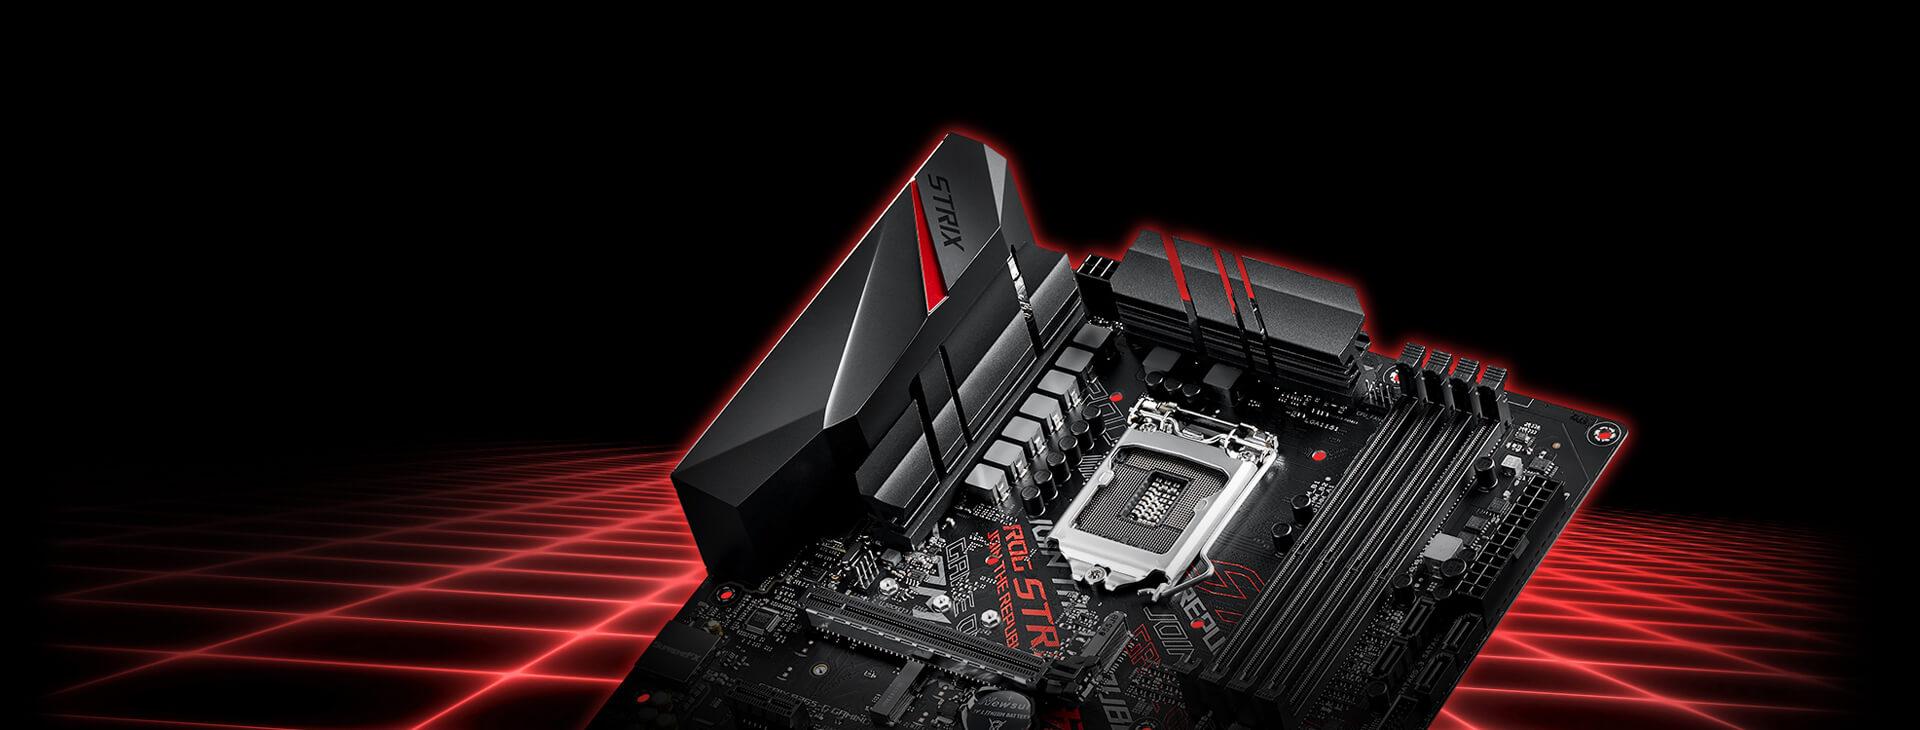 Mainboard ASUS ROG STRIX B365-G GAMING, LGA 1151, DDR4x4